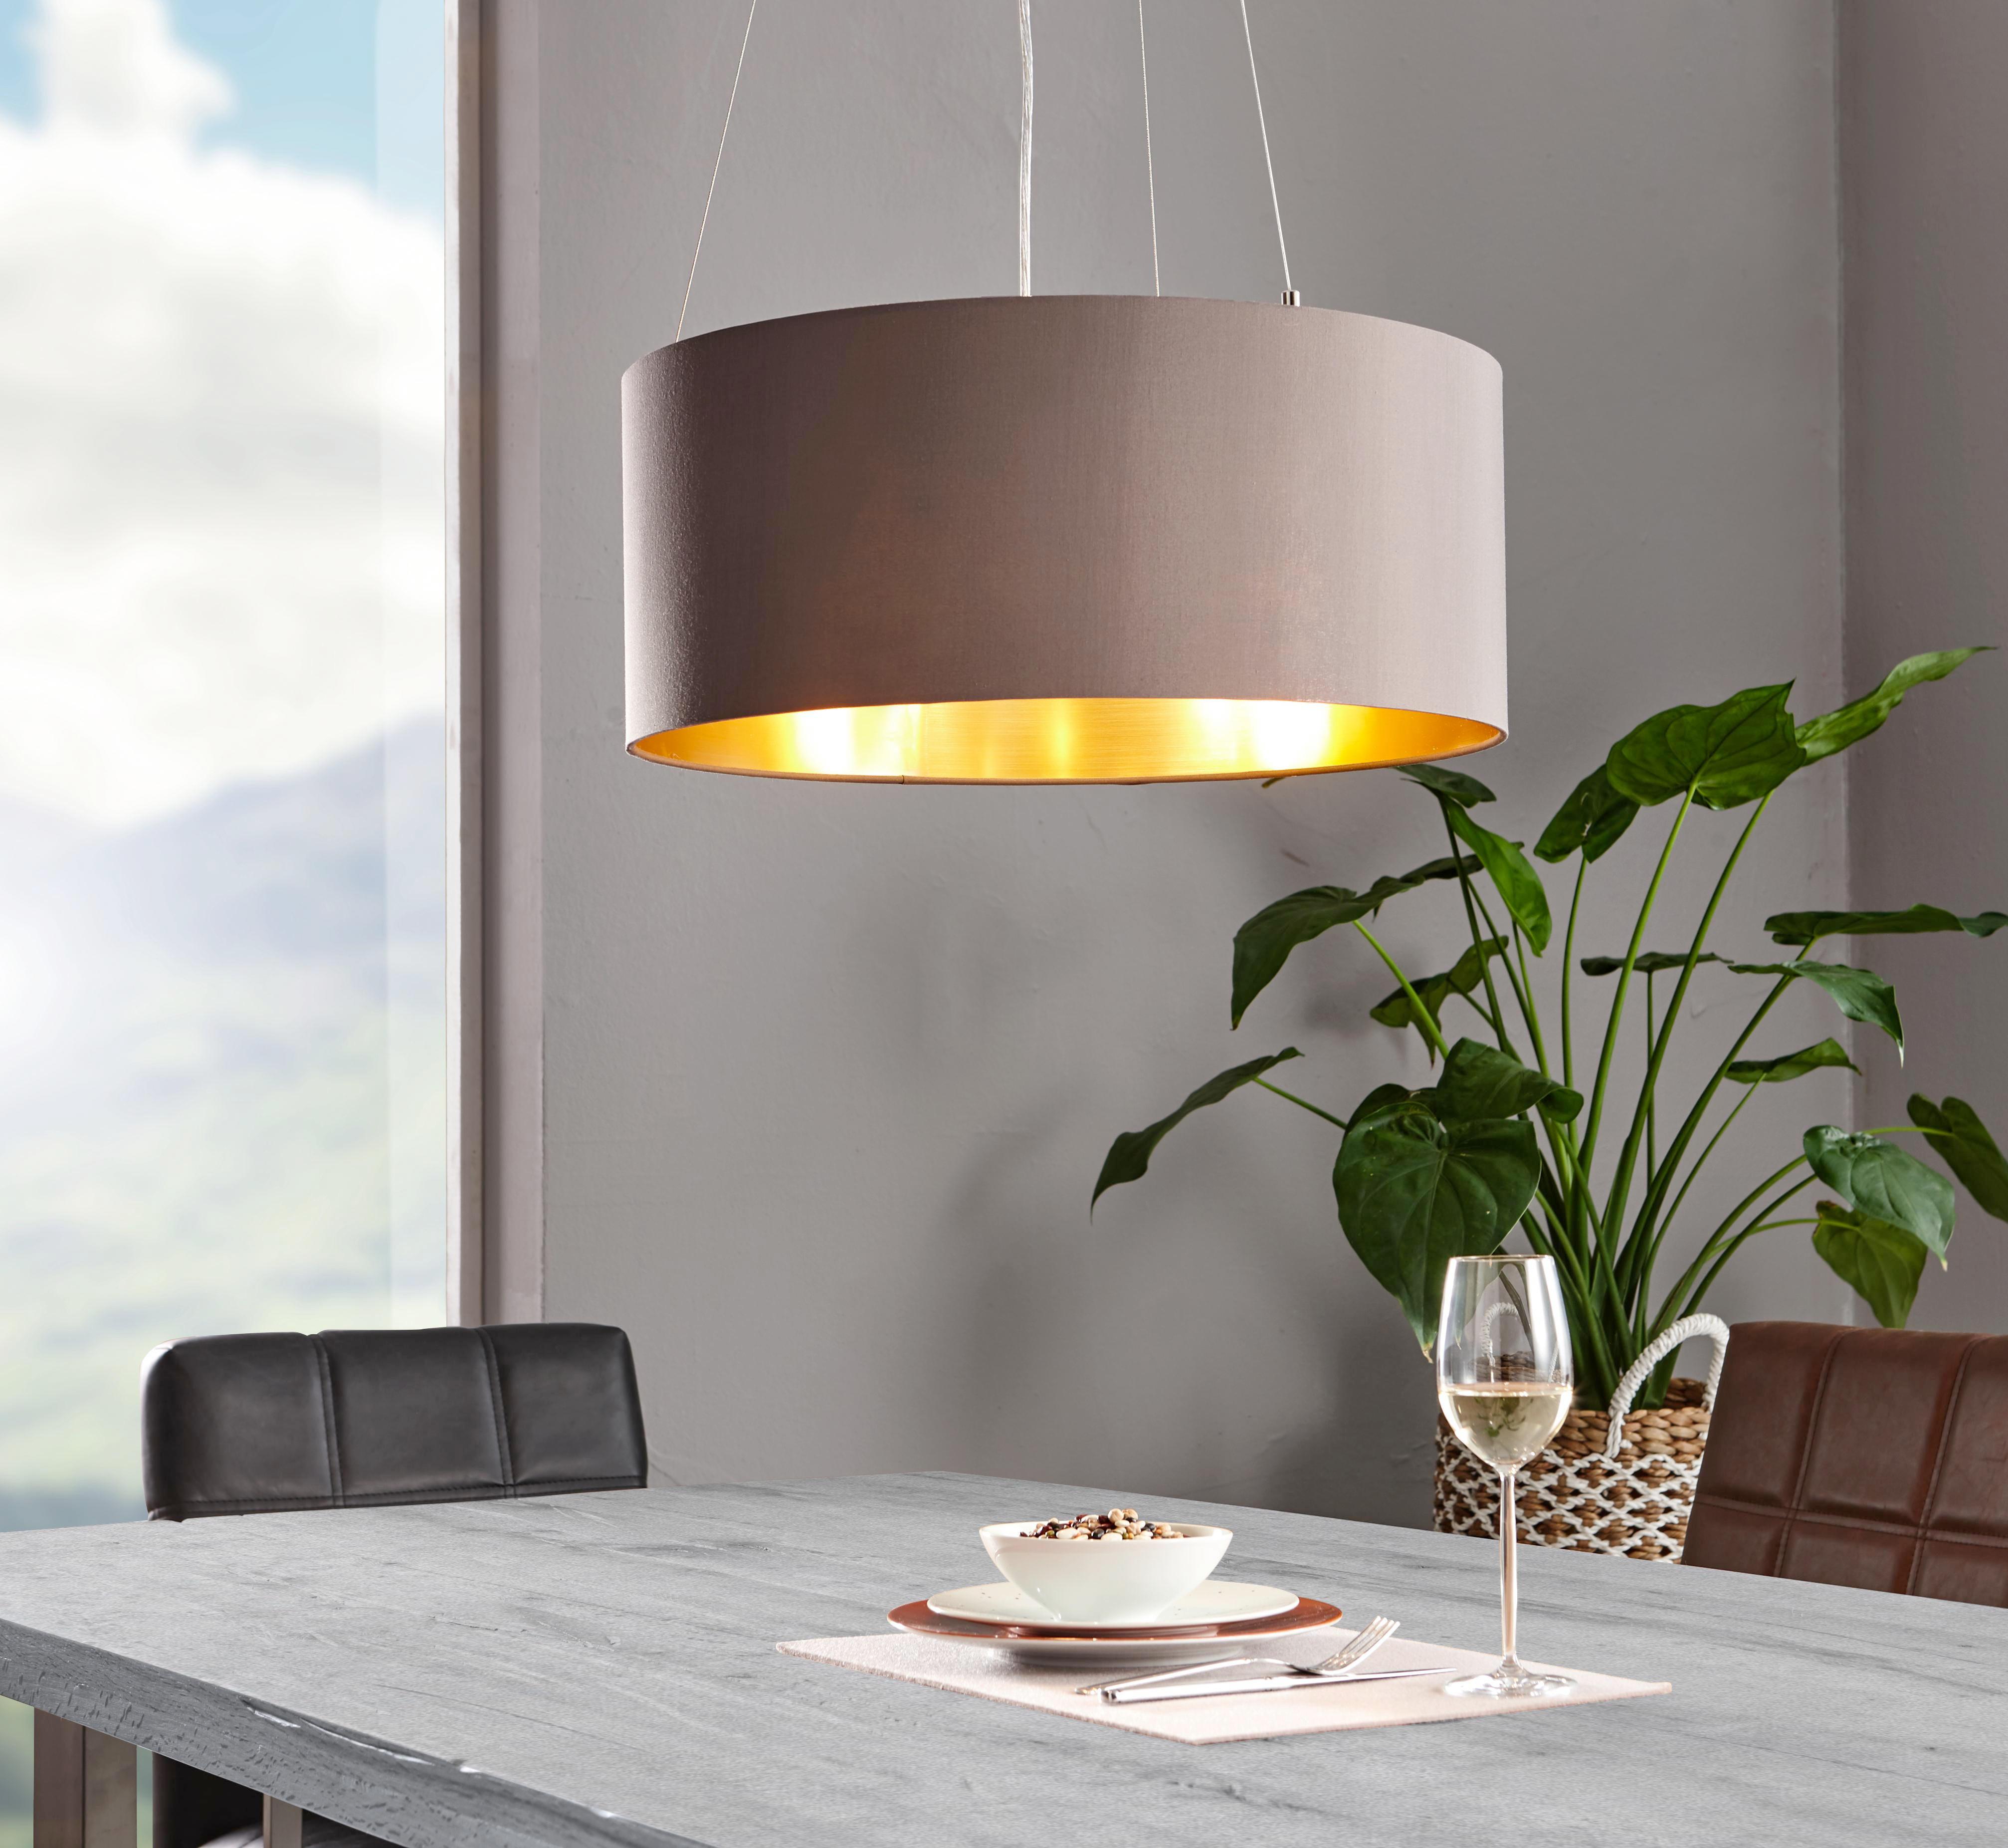 HÄNGELEUCHTE - Goldfarben/Braun, LIFESTYLE, Textil/Metall (53/110cm)